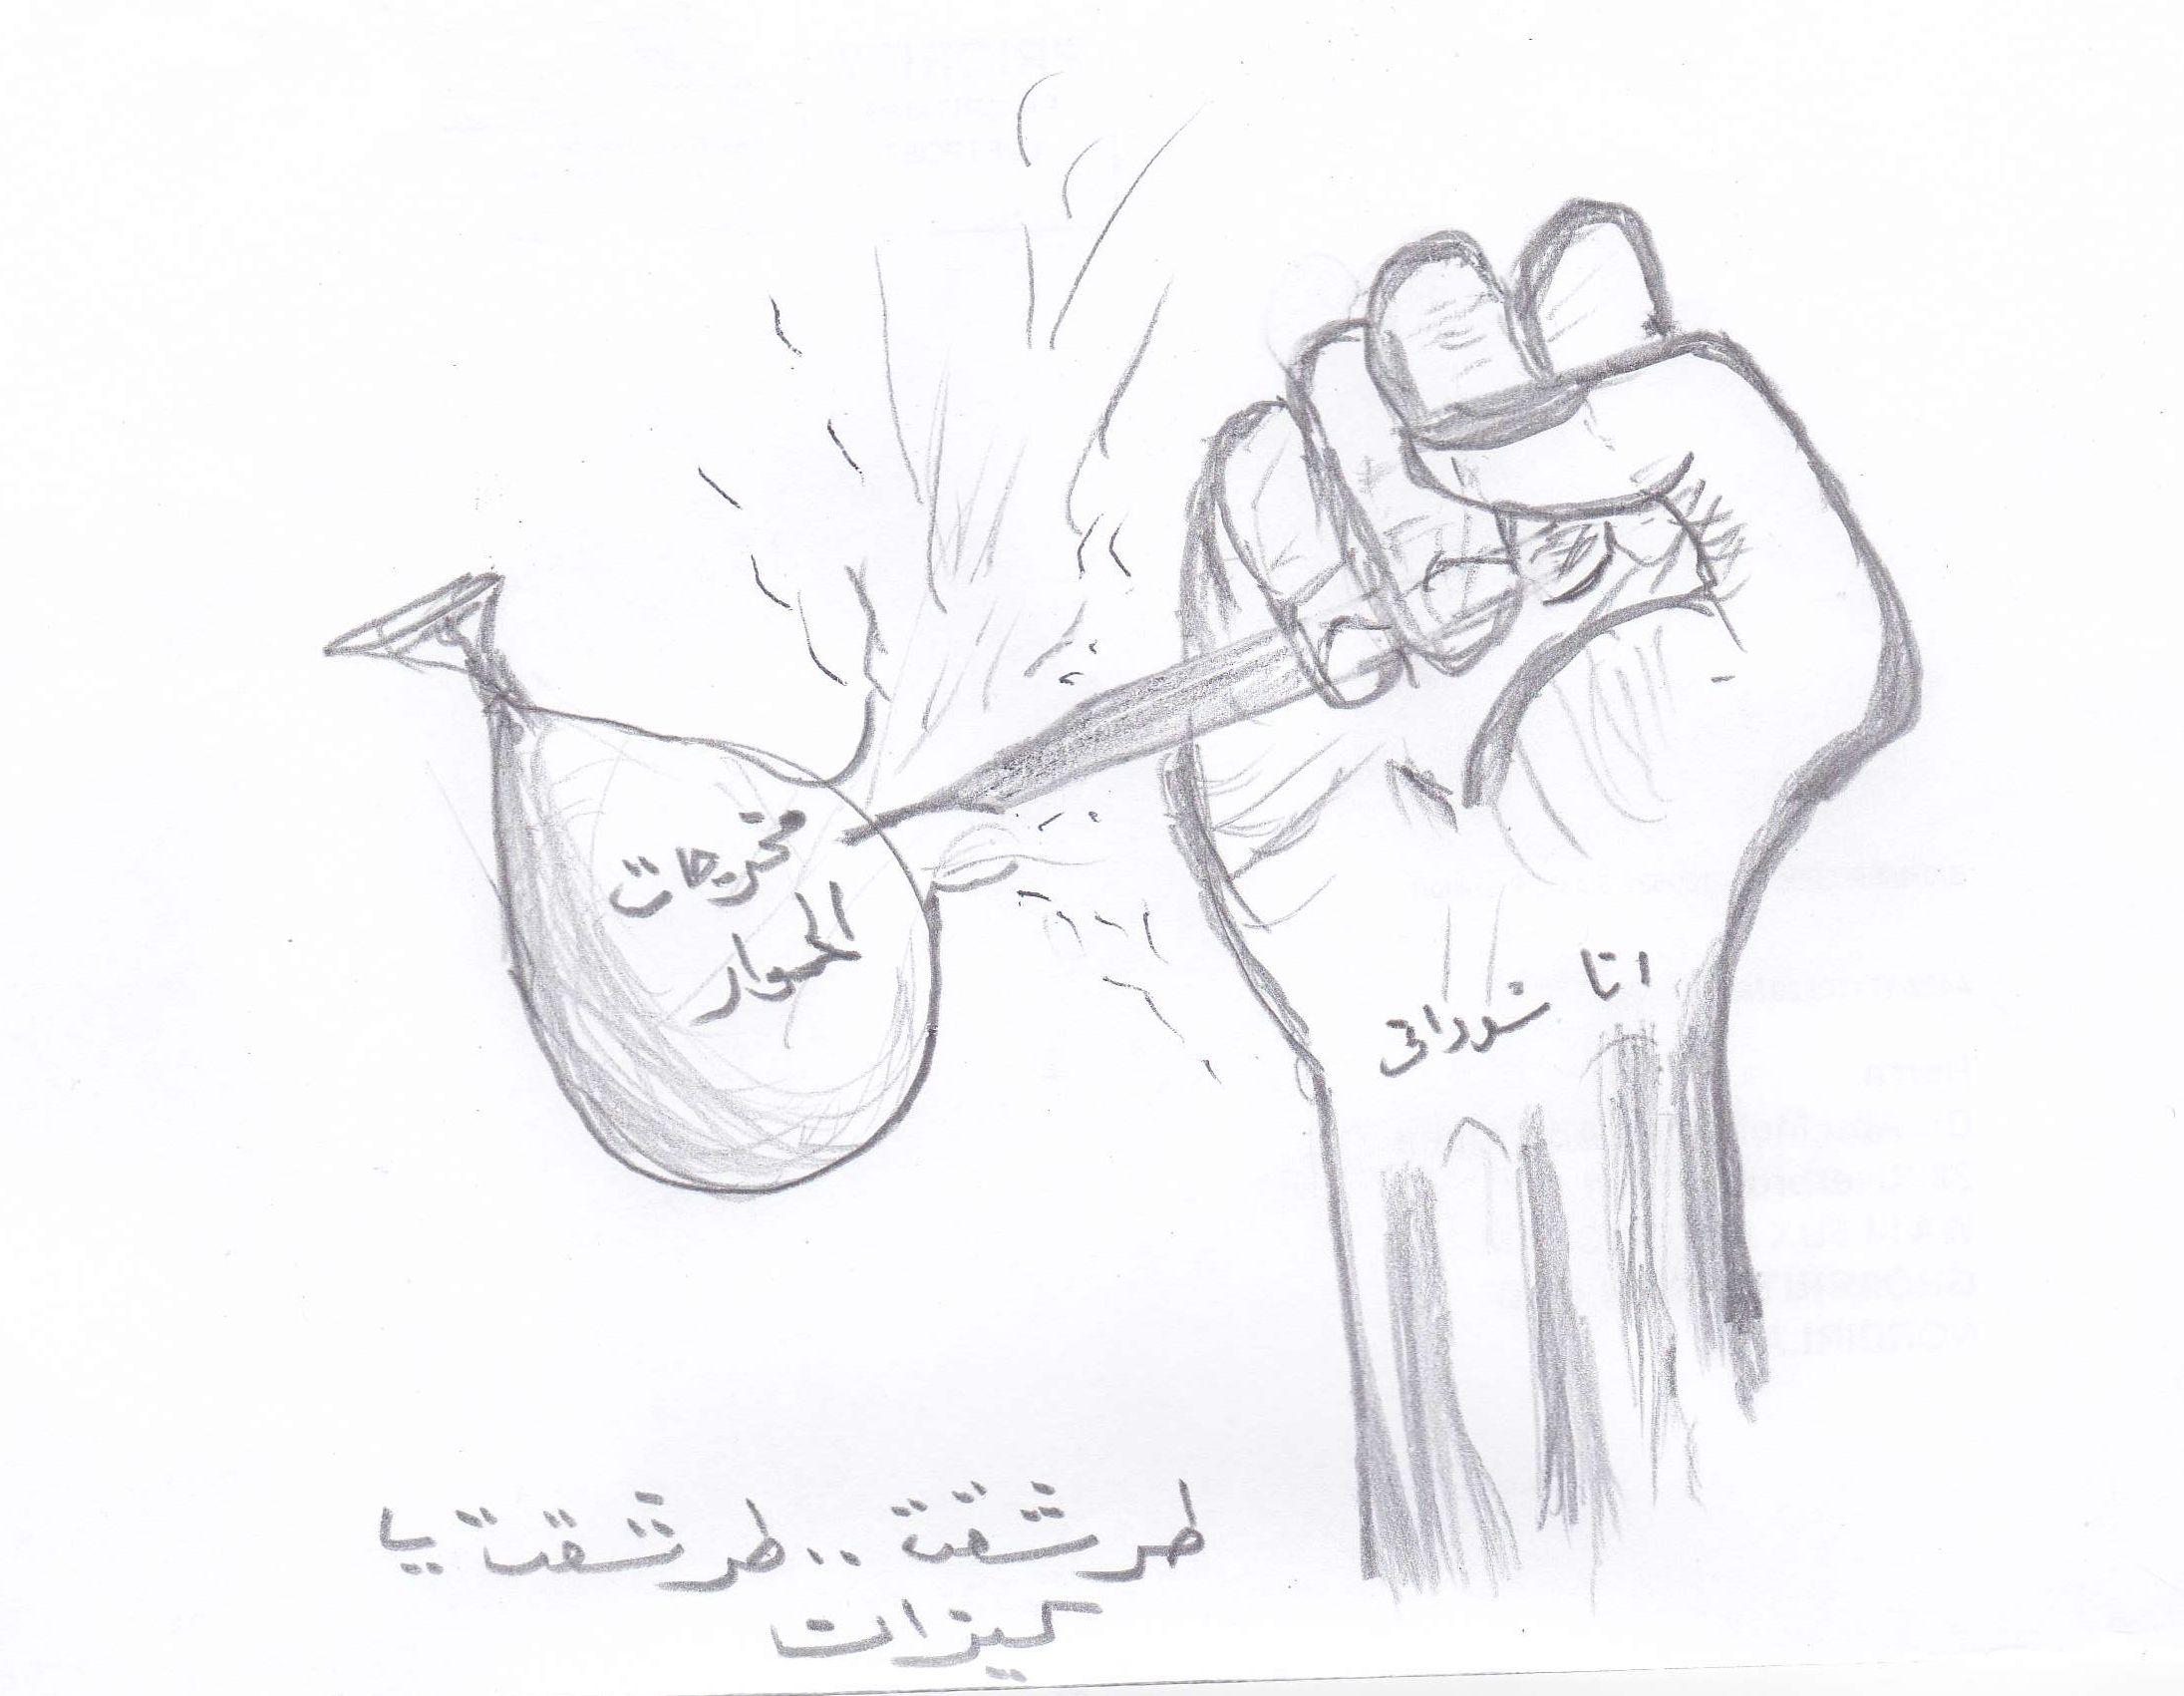 كاركاتير اليوم الموافق 13 أكتوبر 2016 بريشة الدكتور ابومحمد ابوآمنة بعنوان البالونة طرشقت يا كيزان